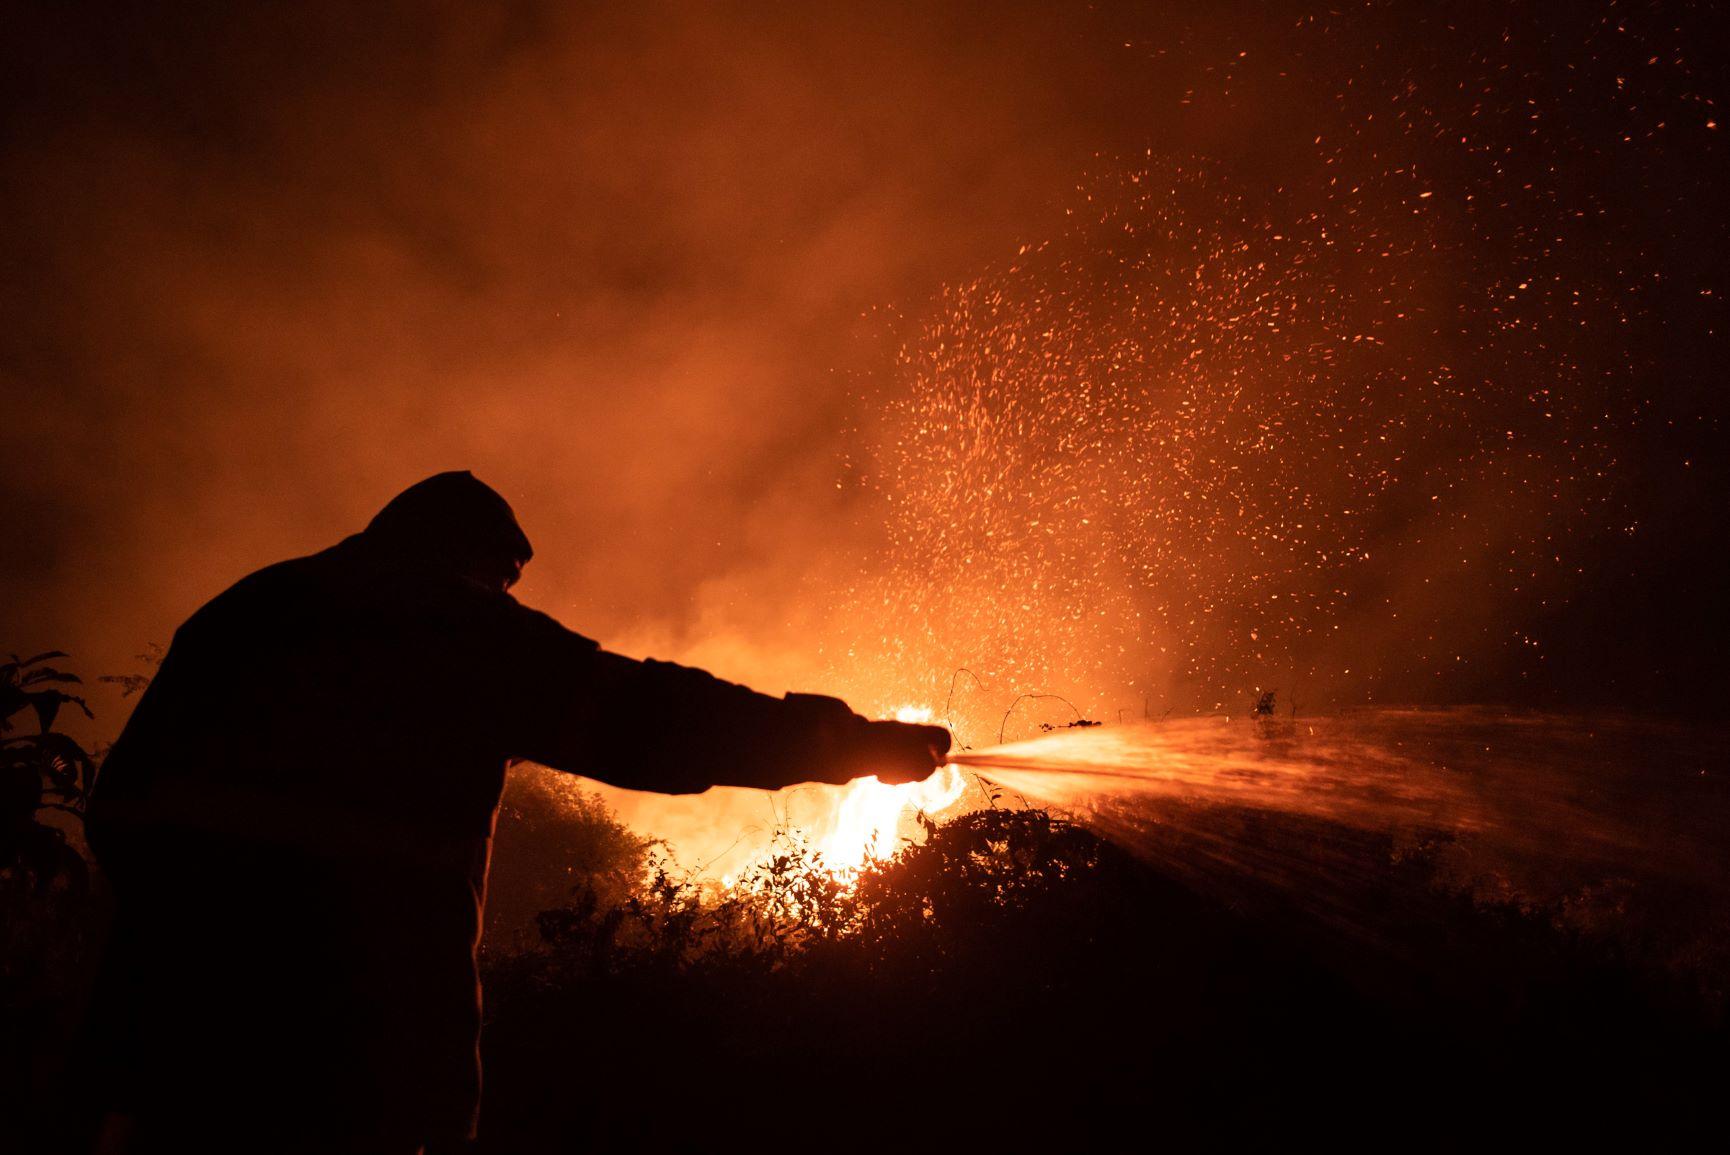 Brigadista combate incêndio no Pantanal em 2020: redução de 27,4% no orçamento de 2021 para fiscalização ambiental e combate a incêndios florestais (Foto: Gustavo Basso/Nur Photo/AFP - 20/09/2020)